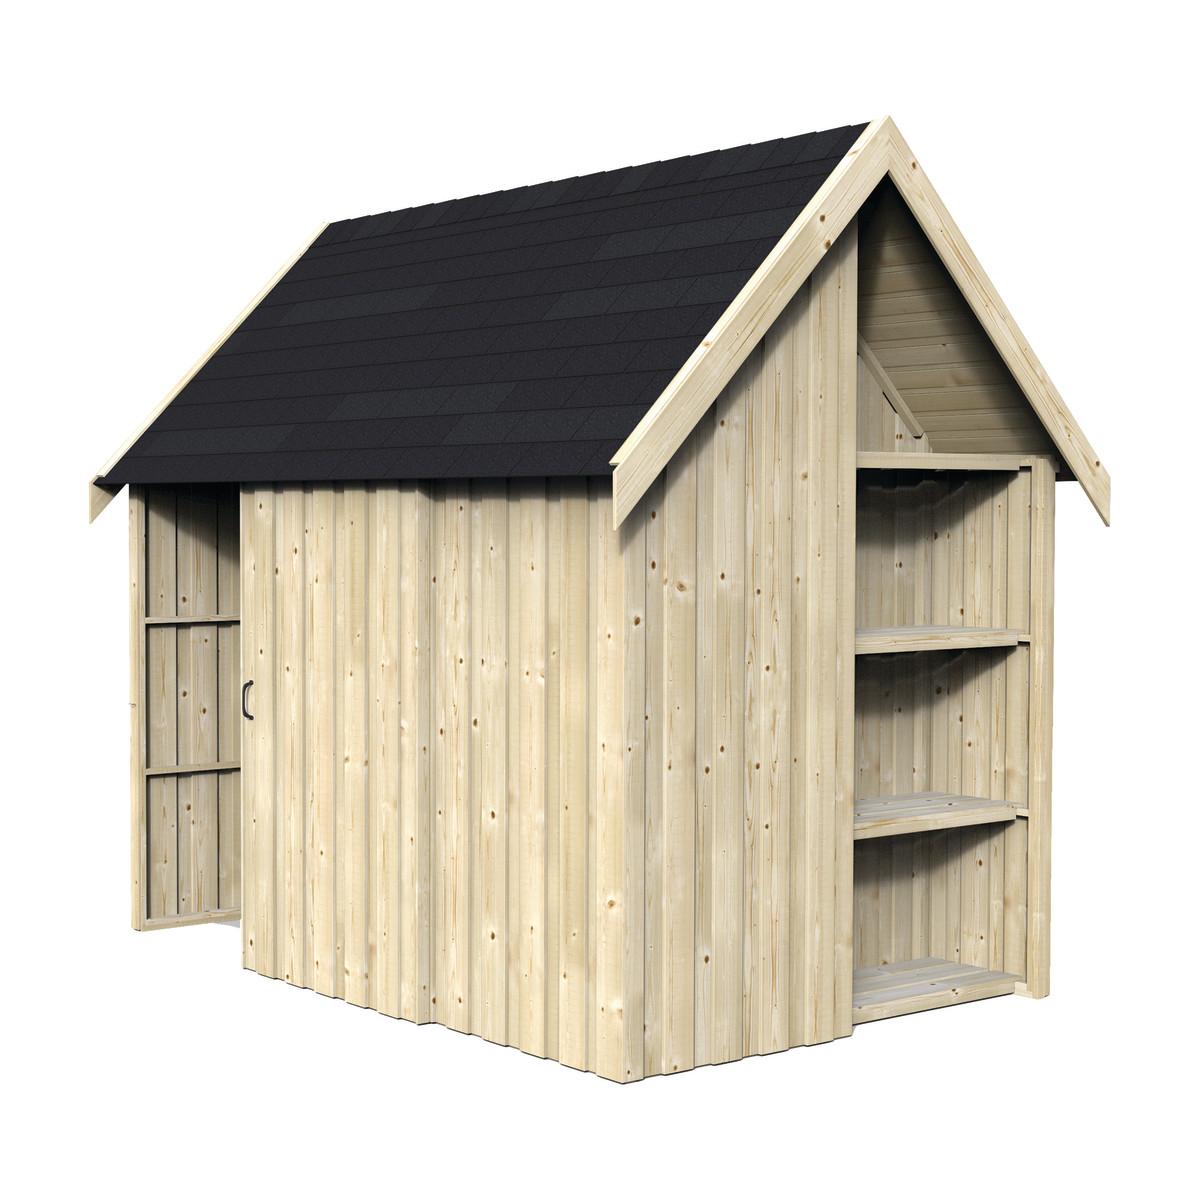 Televisori incorporati - Casette legno giardino offerte ...